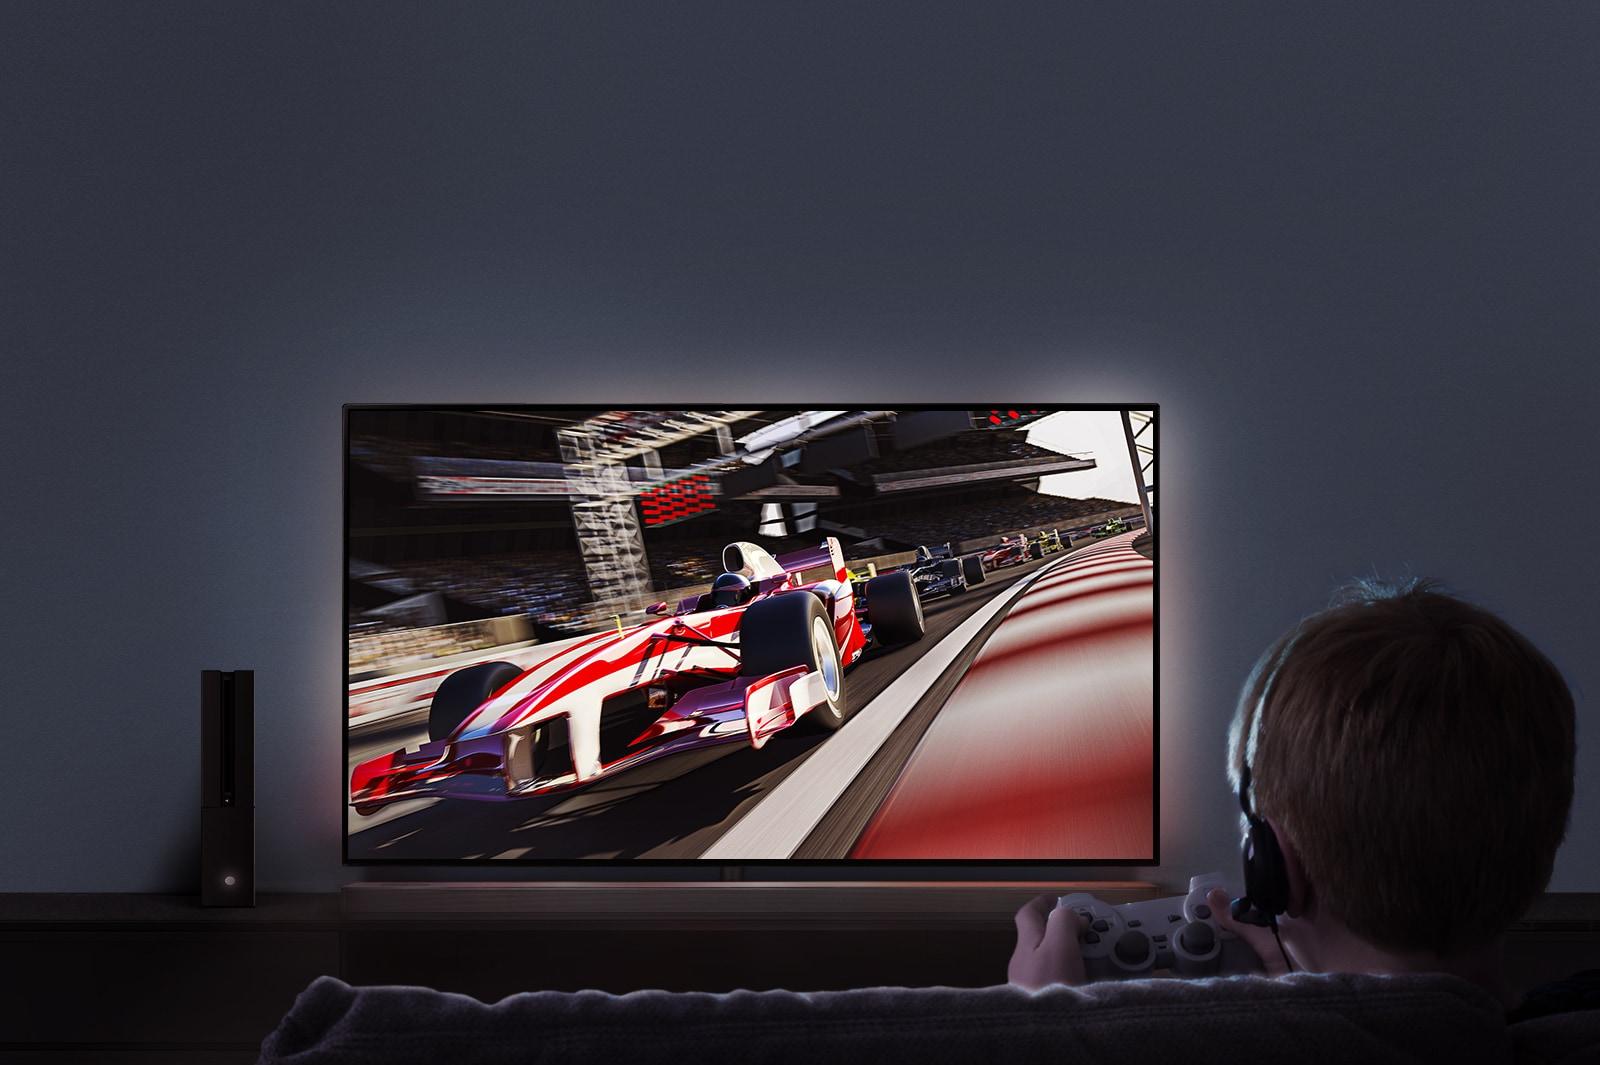 08_AS_Game_TV_desktop